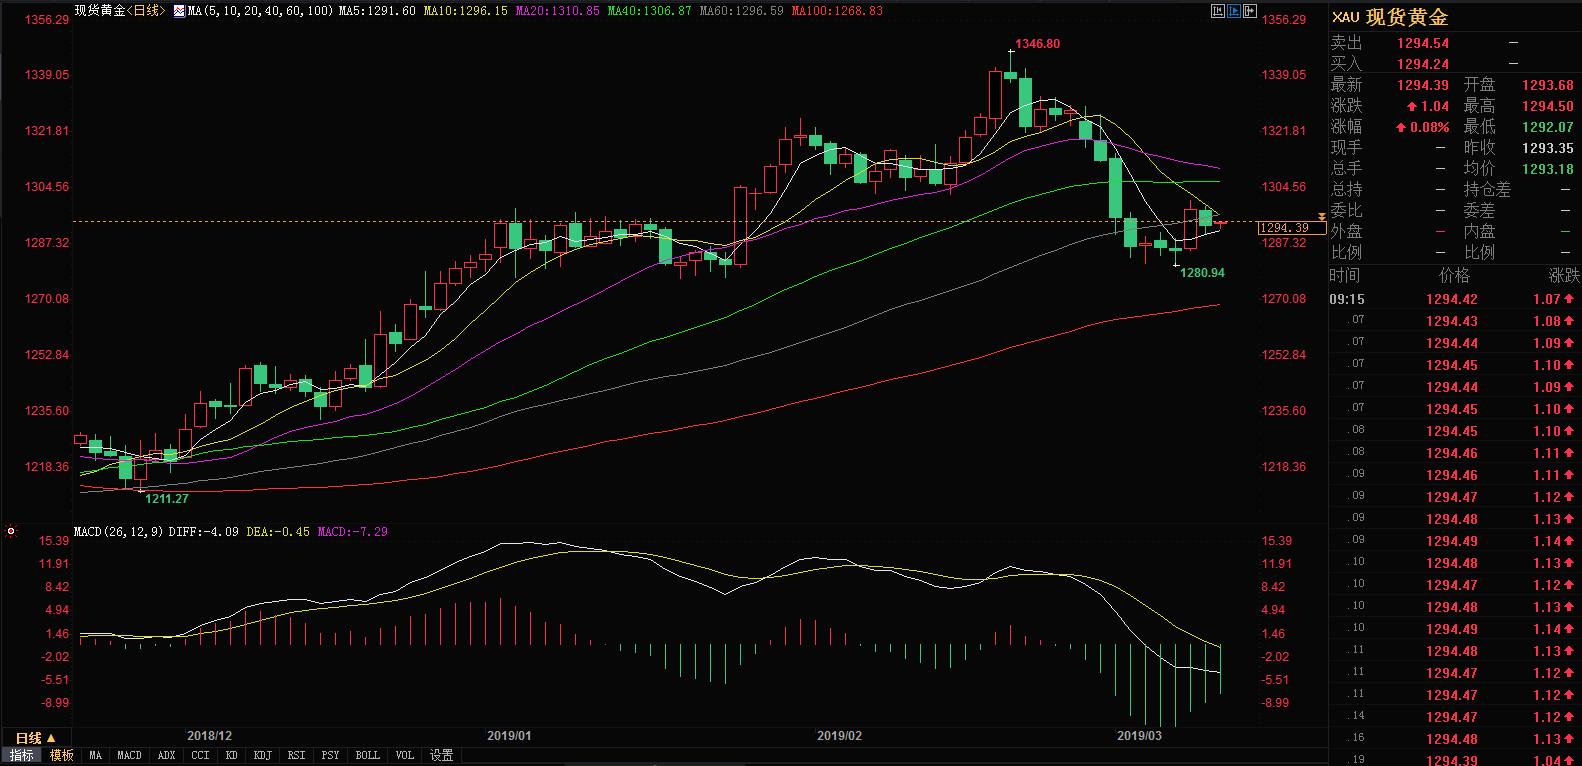 今日现货黄金价格走势图 3月12日国际现货黄金价格